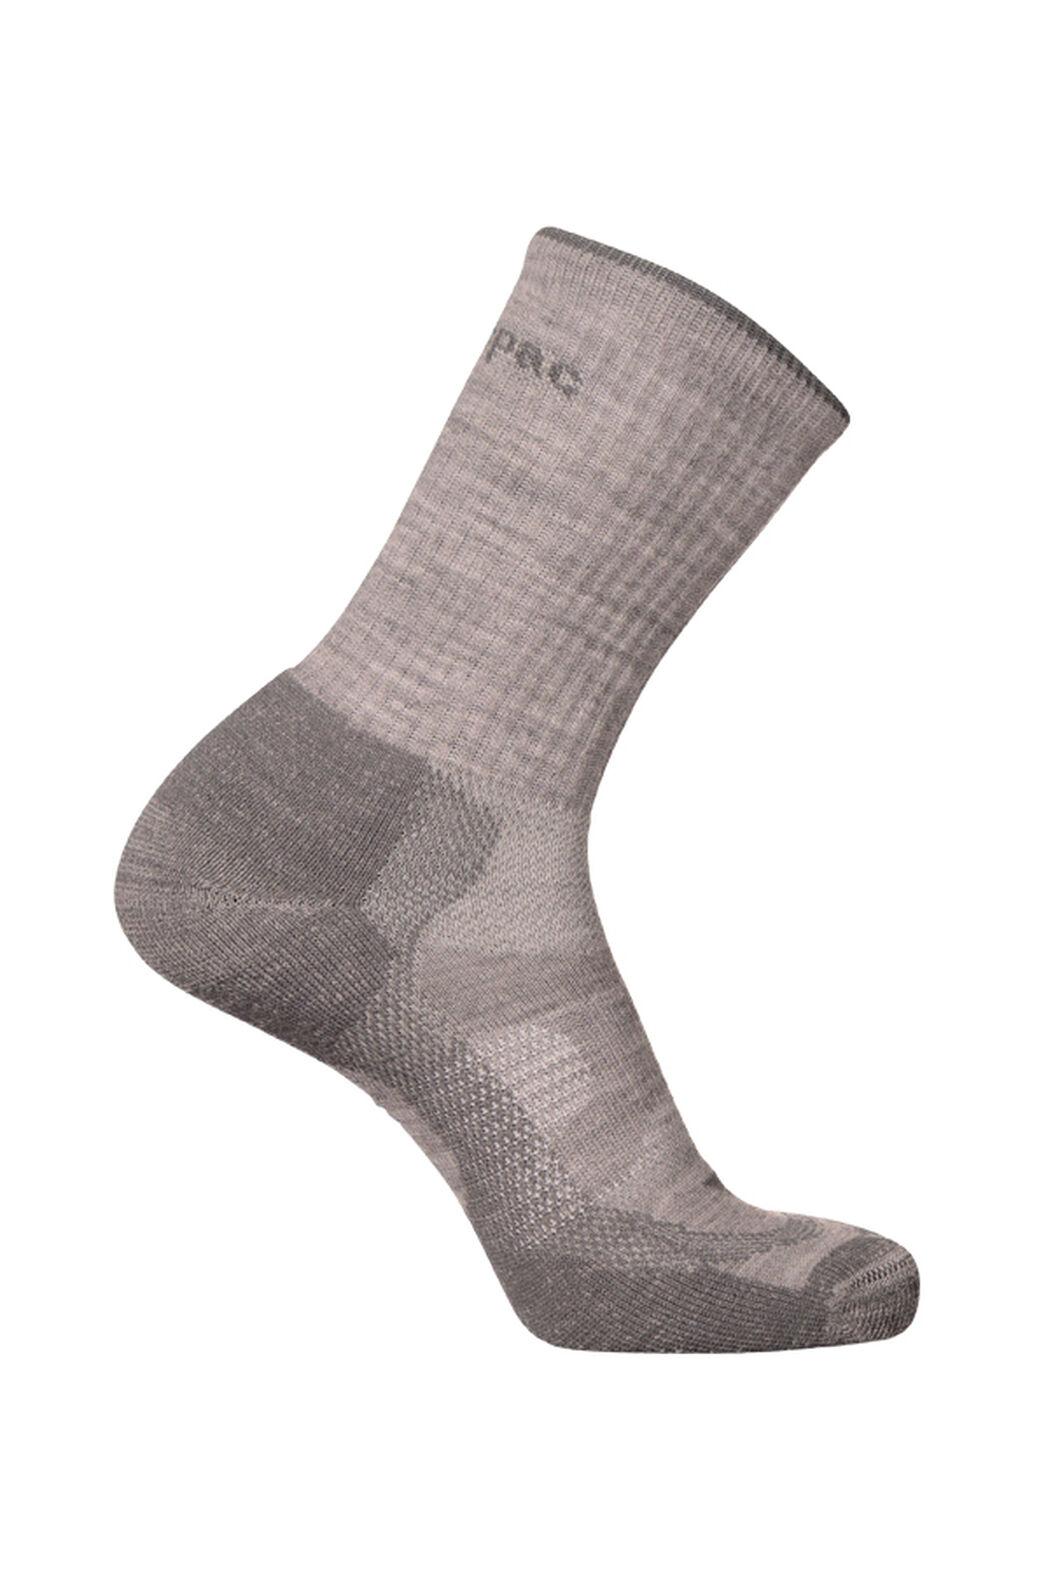 Macpac Merino Crew Socks, Lt Grey, hi-res